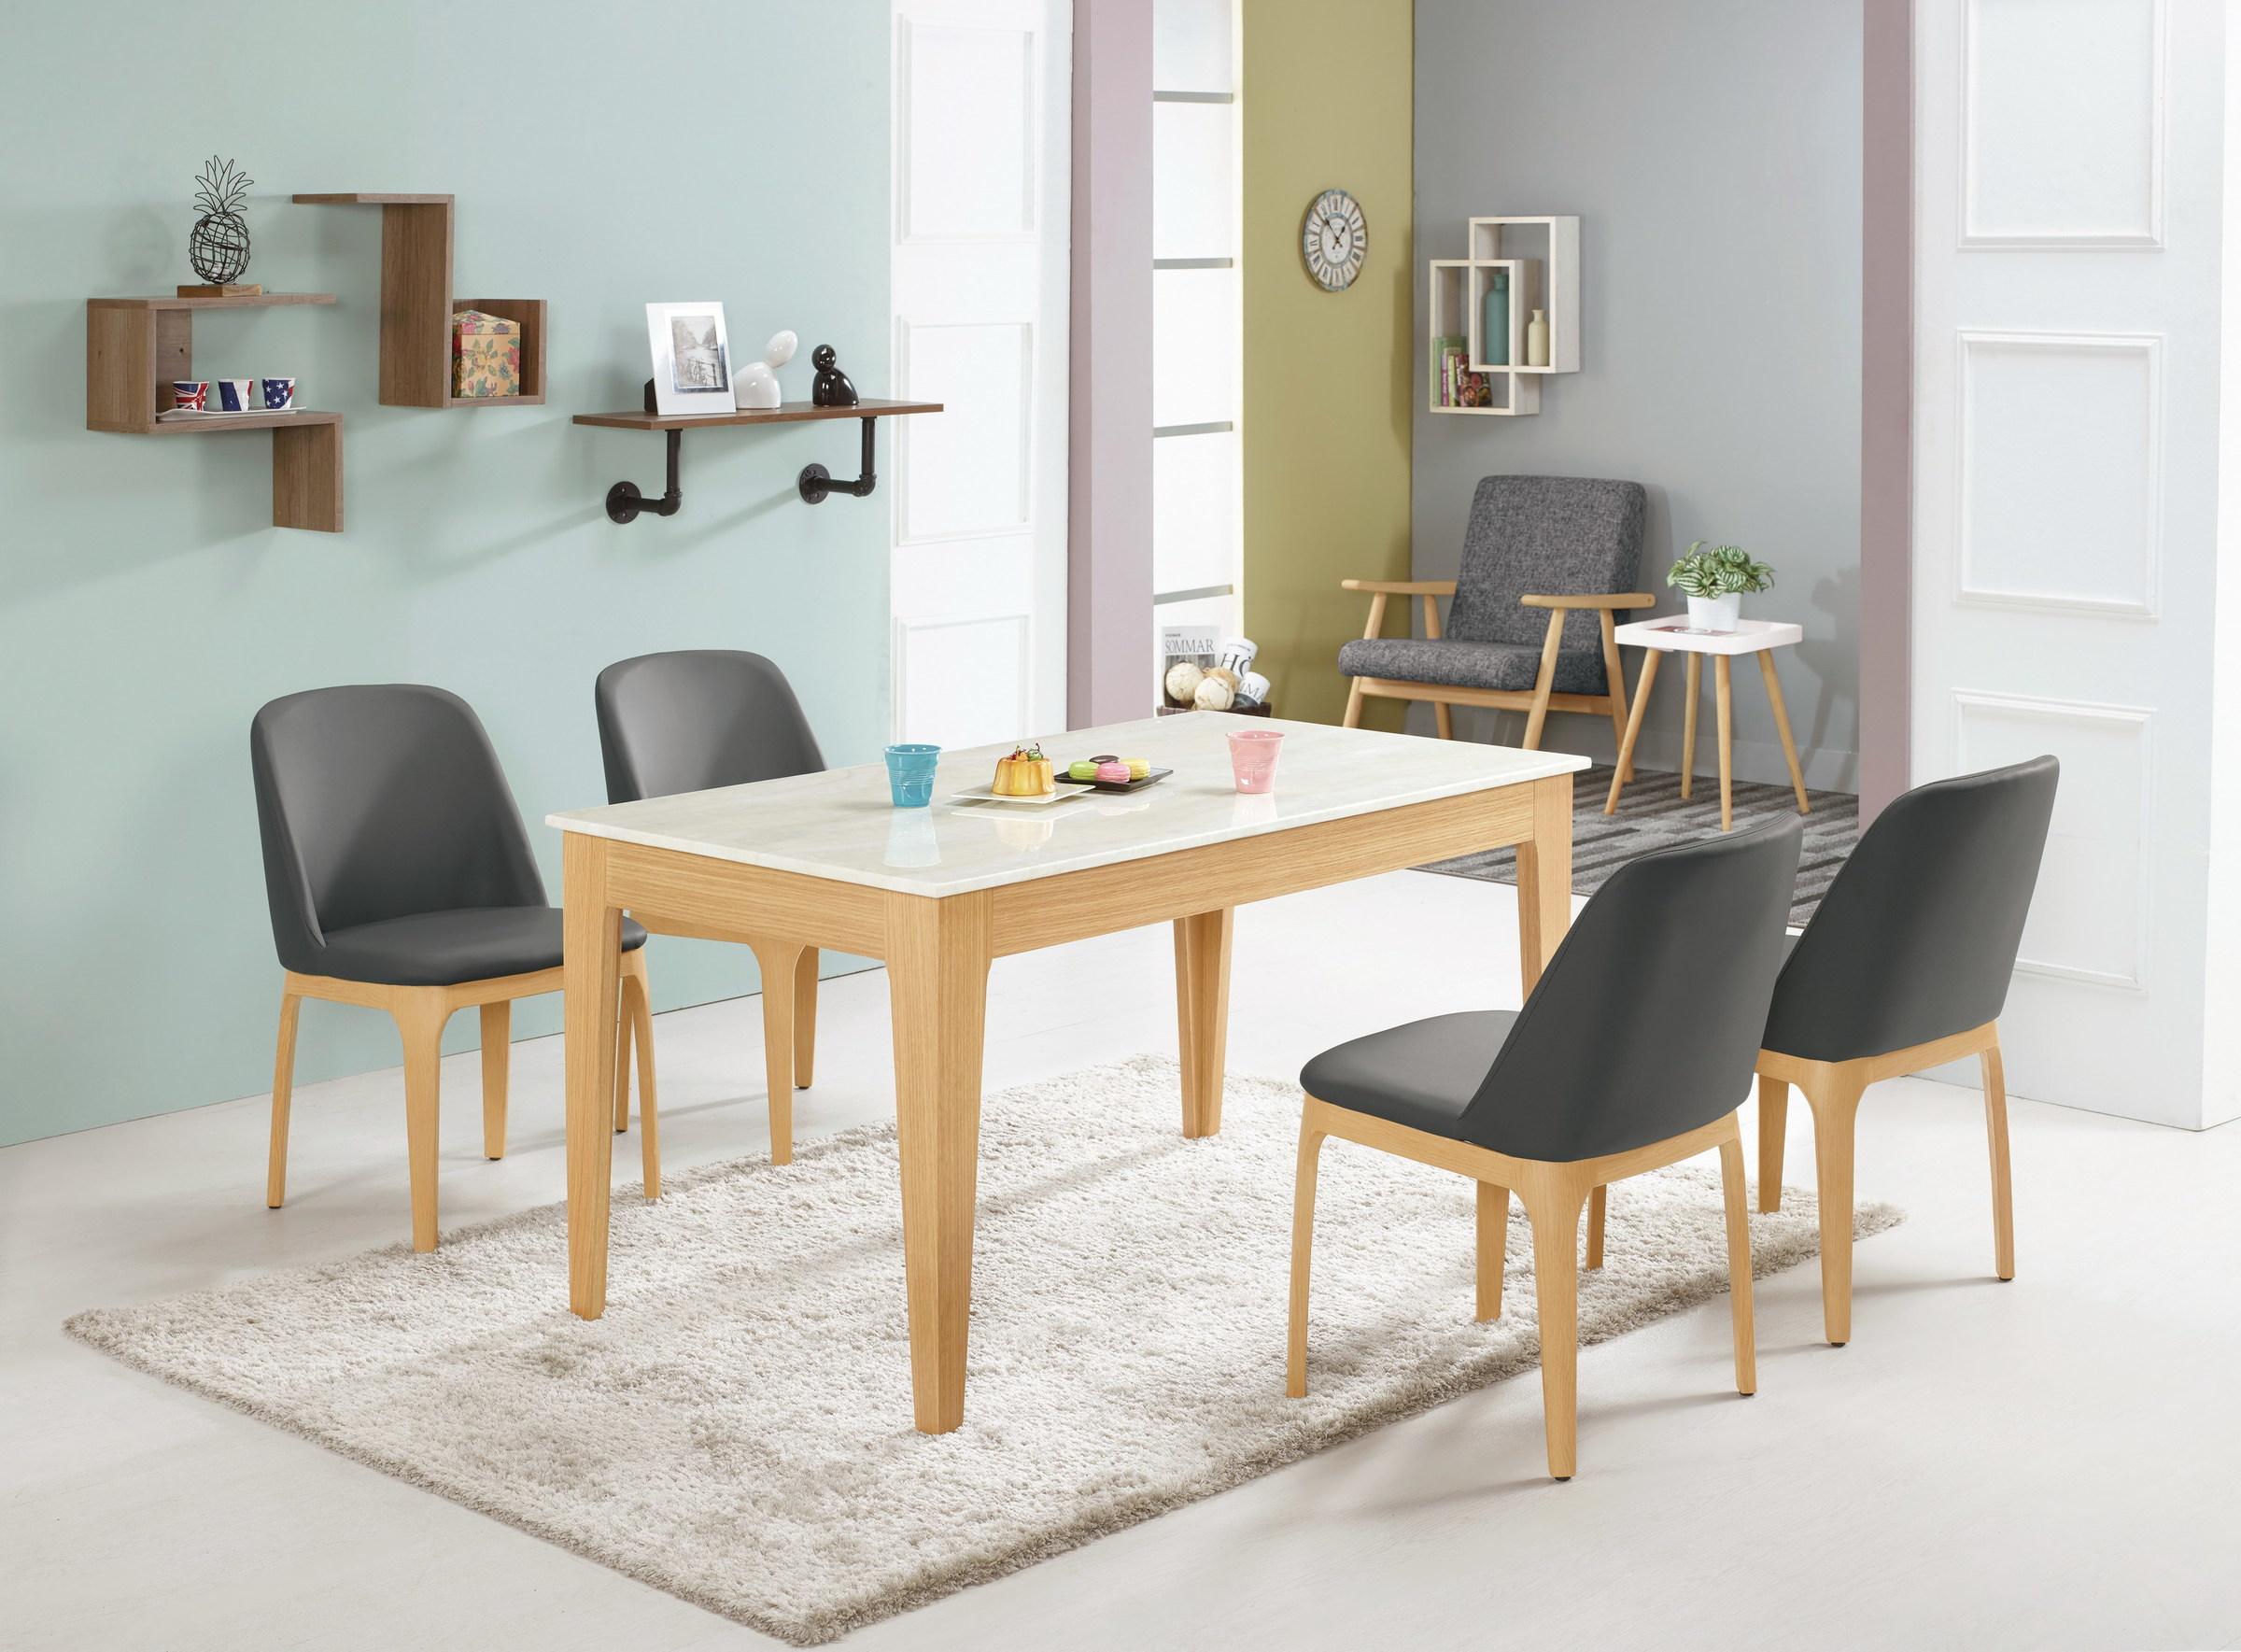 451-1 喬斯林4.6尺原石餐桌+516-5.jpg